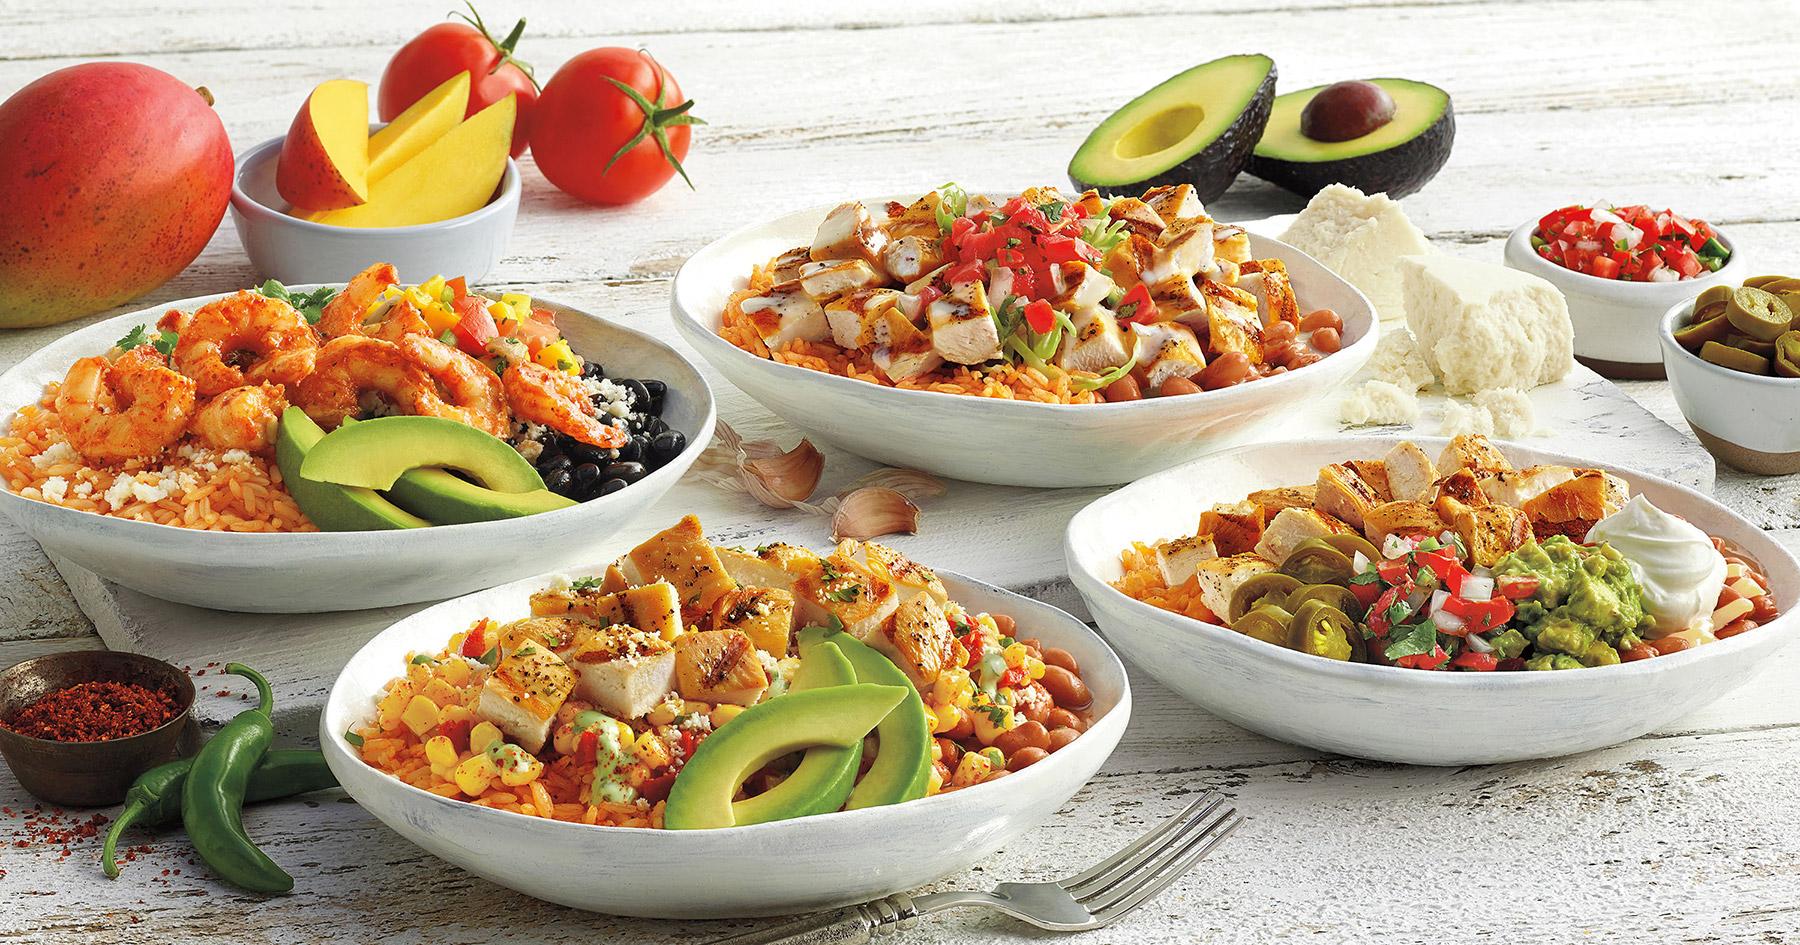 El Pollo Loco adds 4 new handcrafted bowls